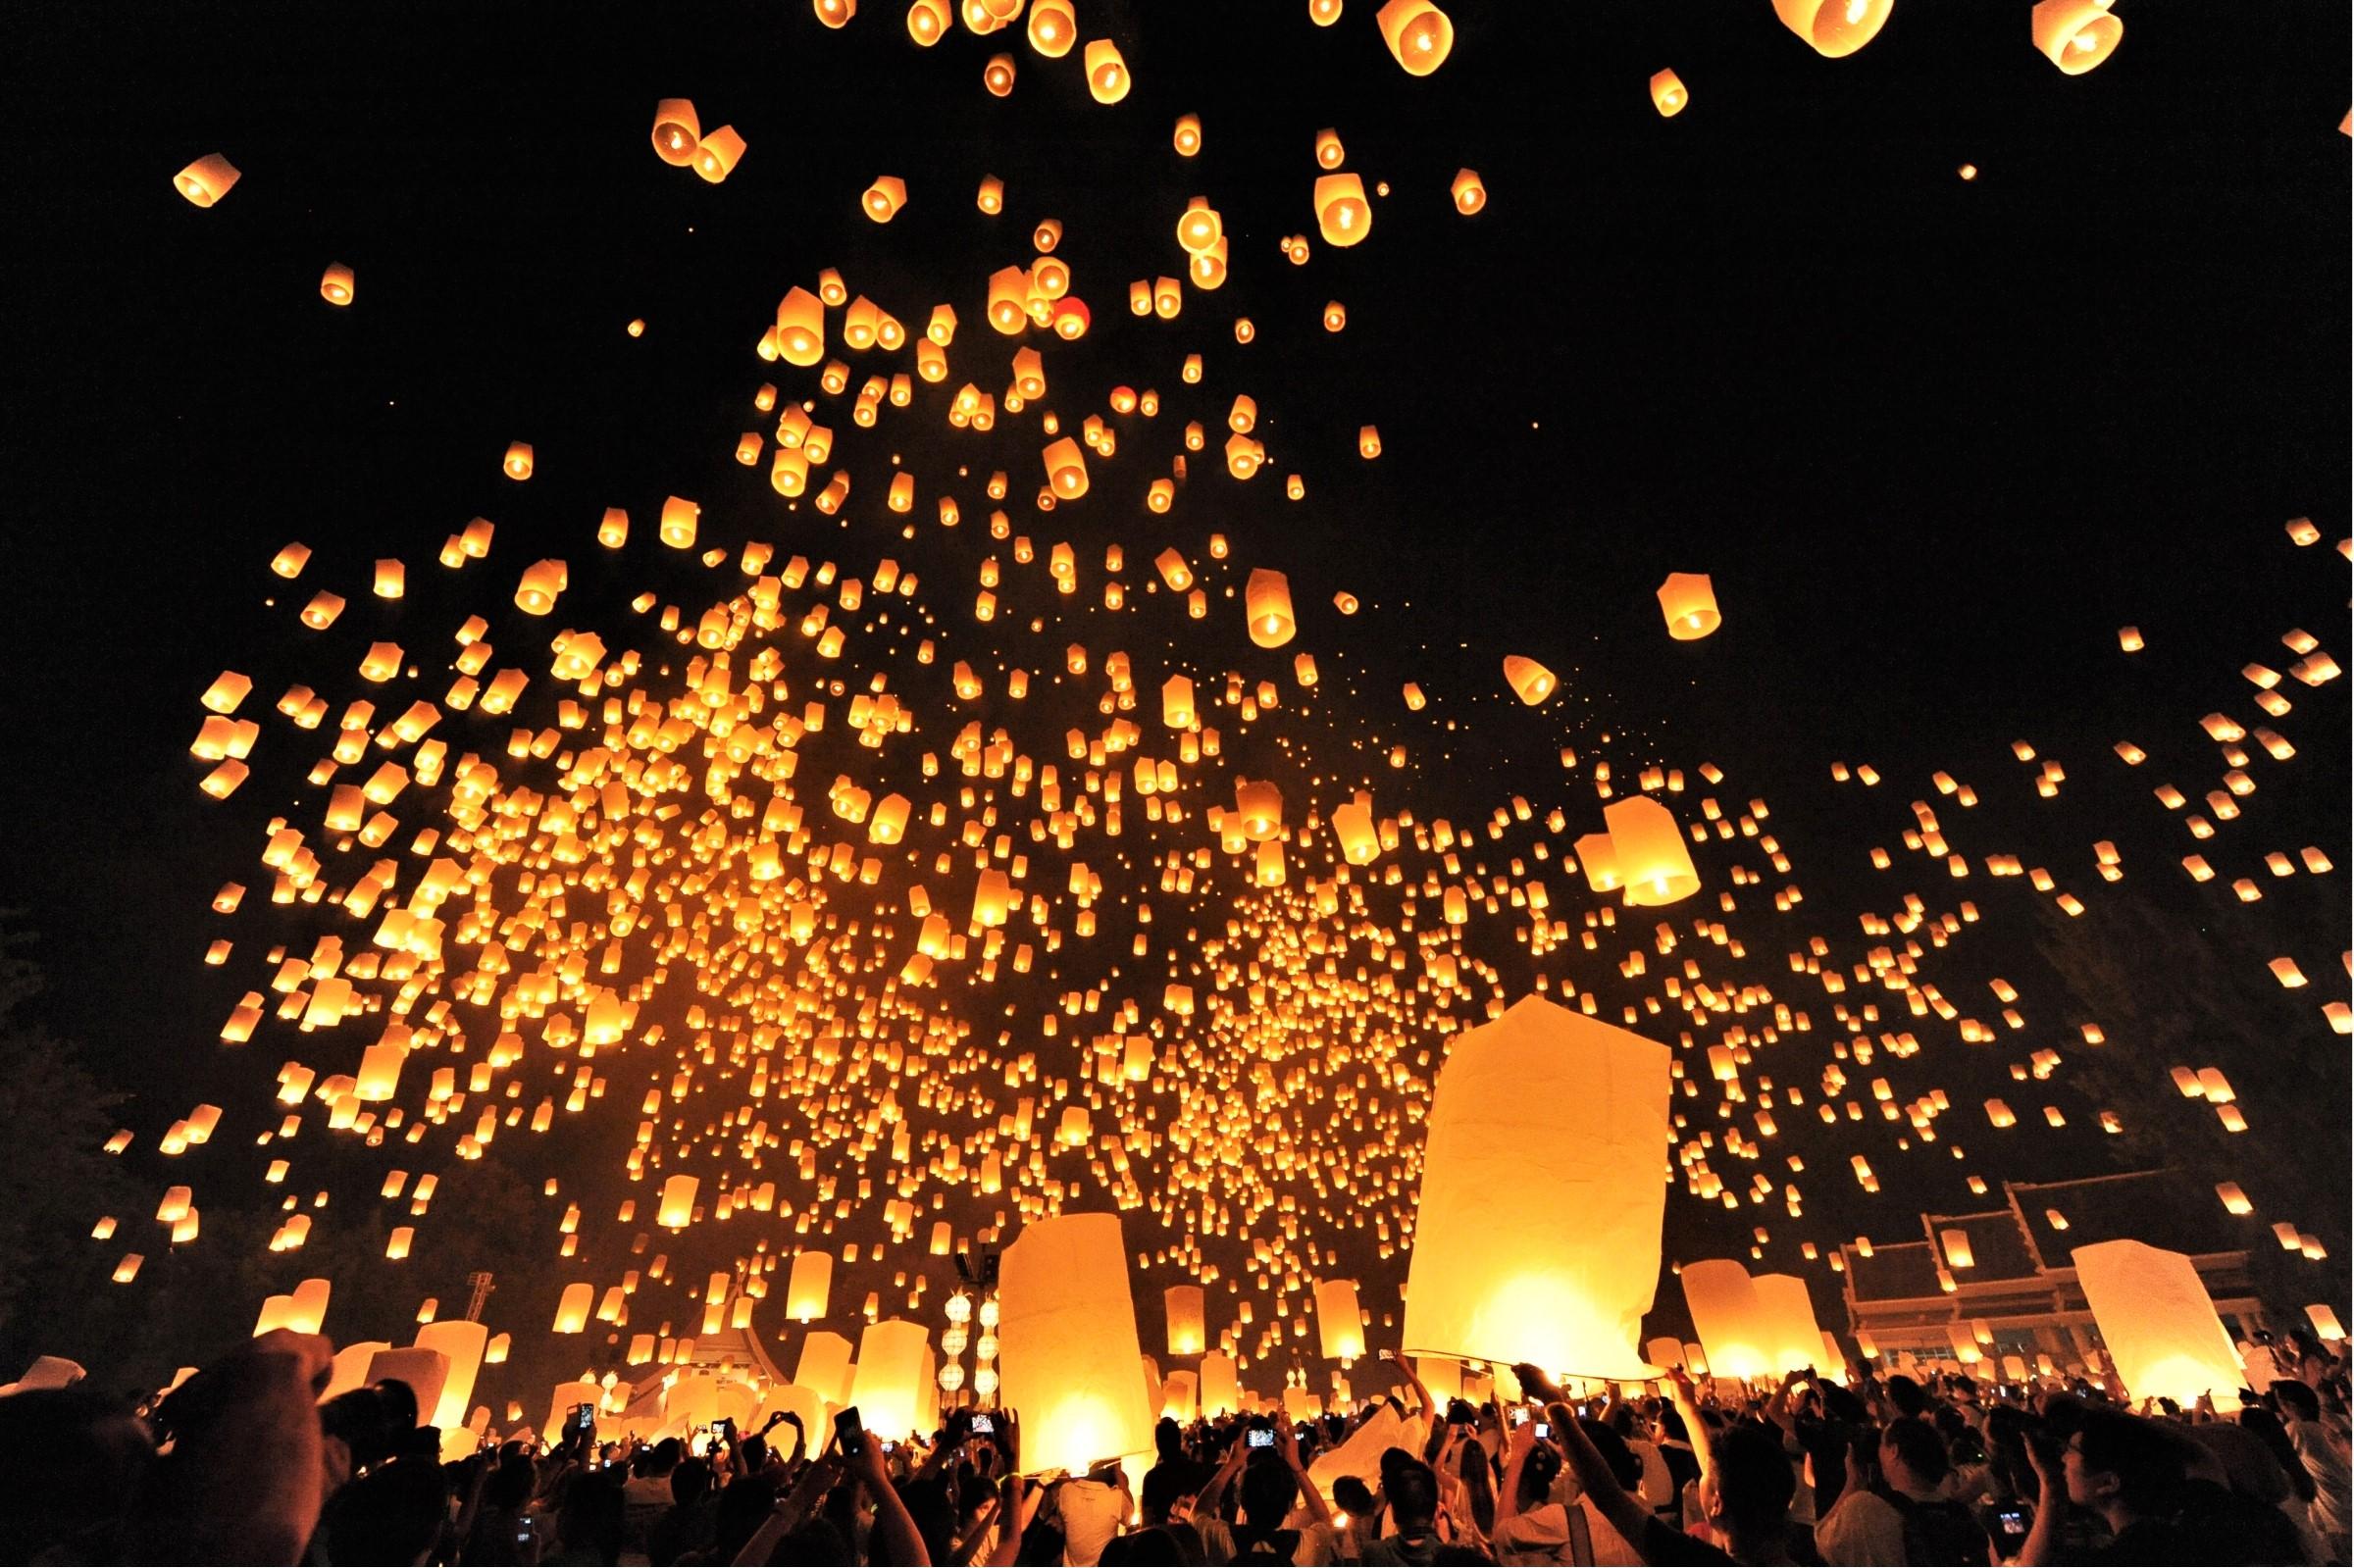 タイ ランタン祭り コムローイ